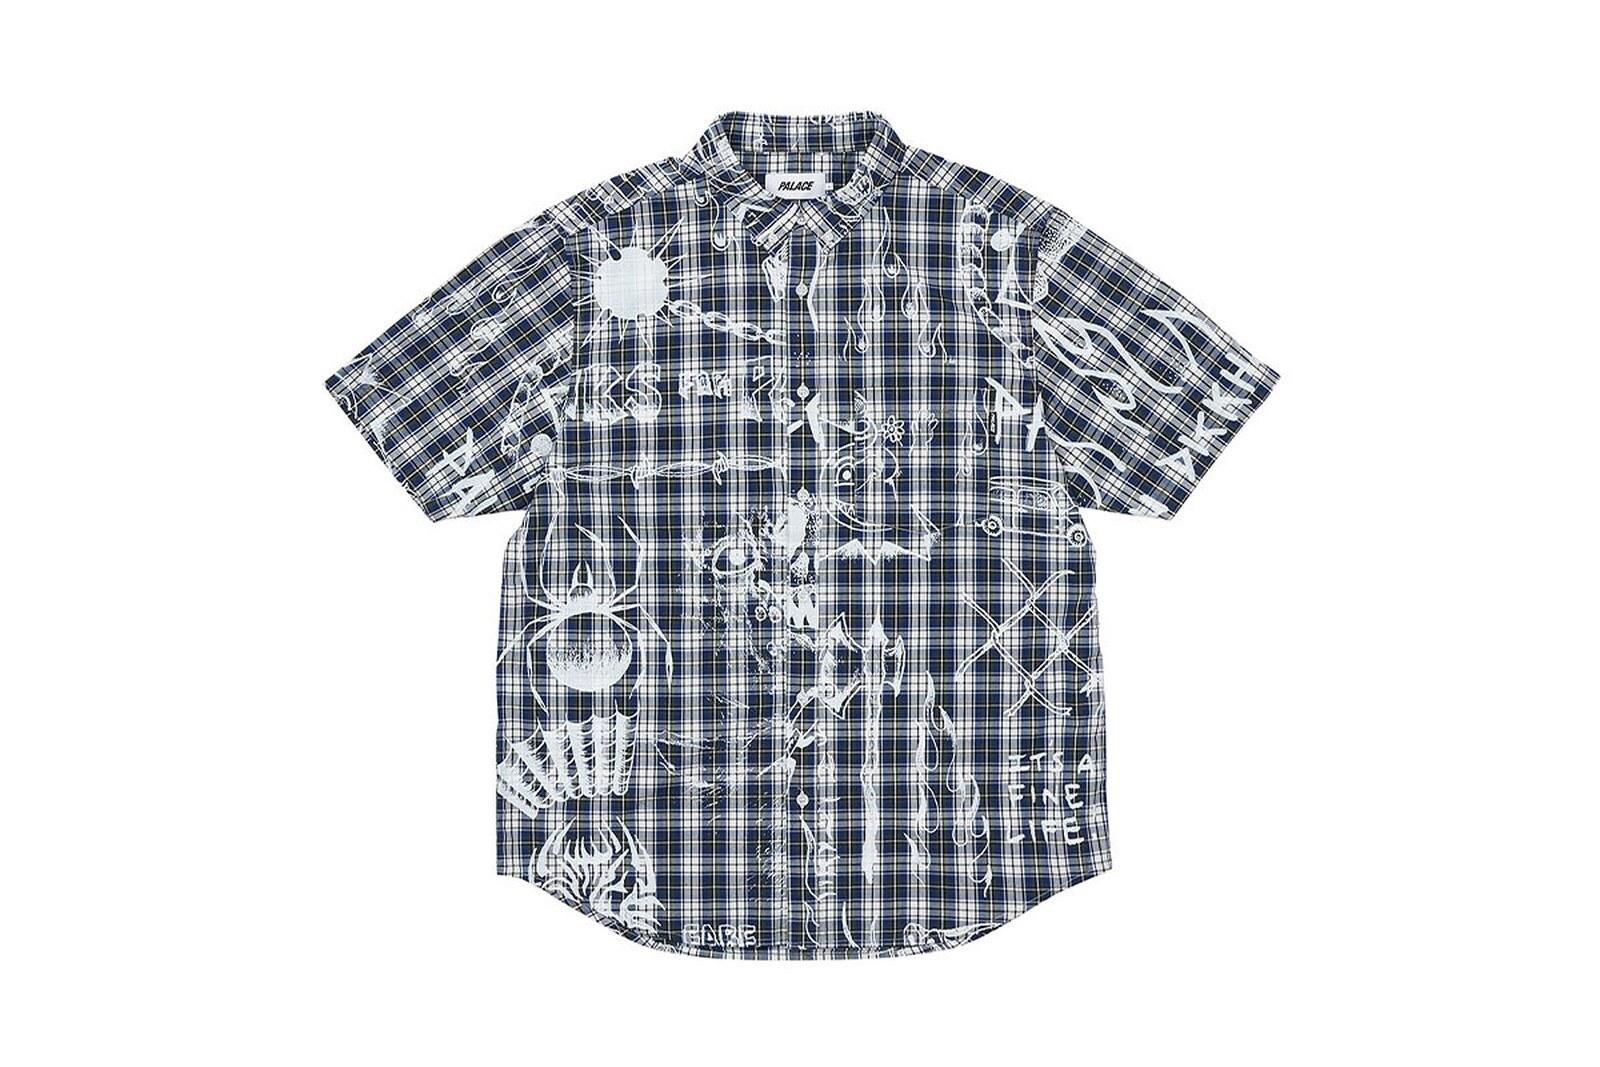 Palace x Lotties shirt